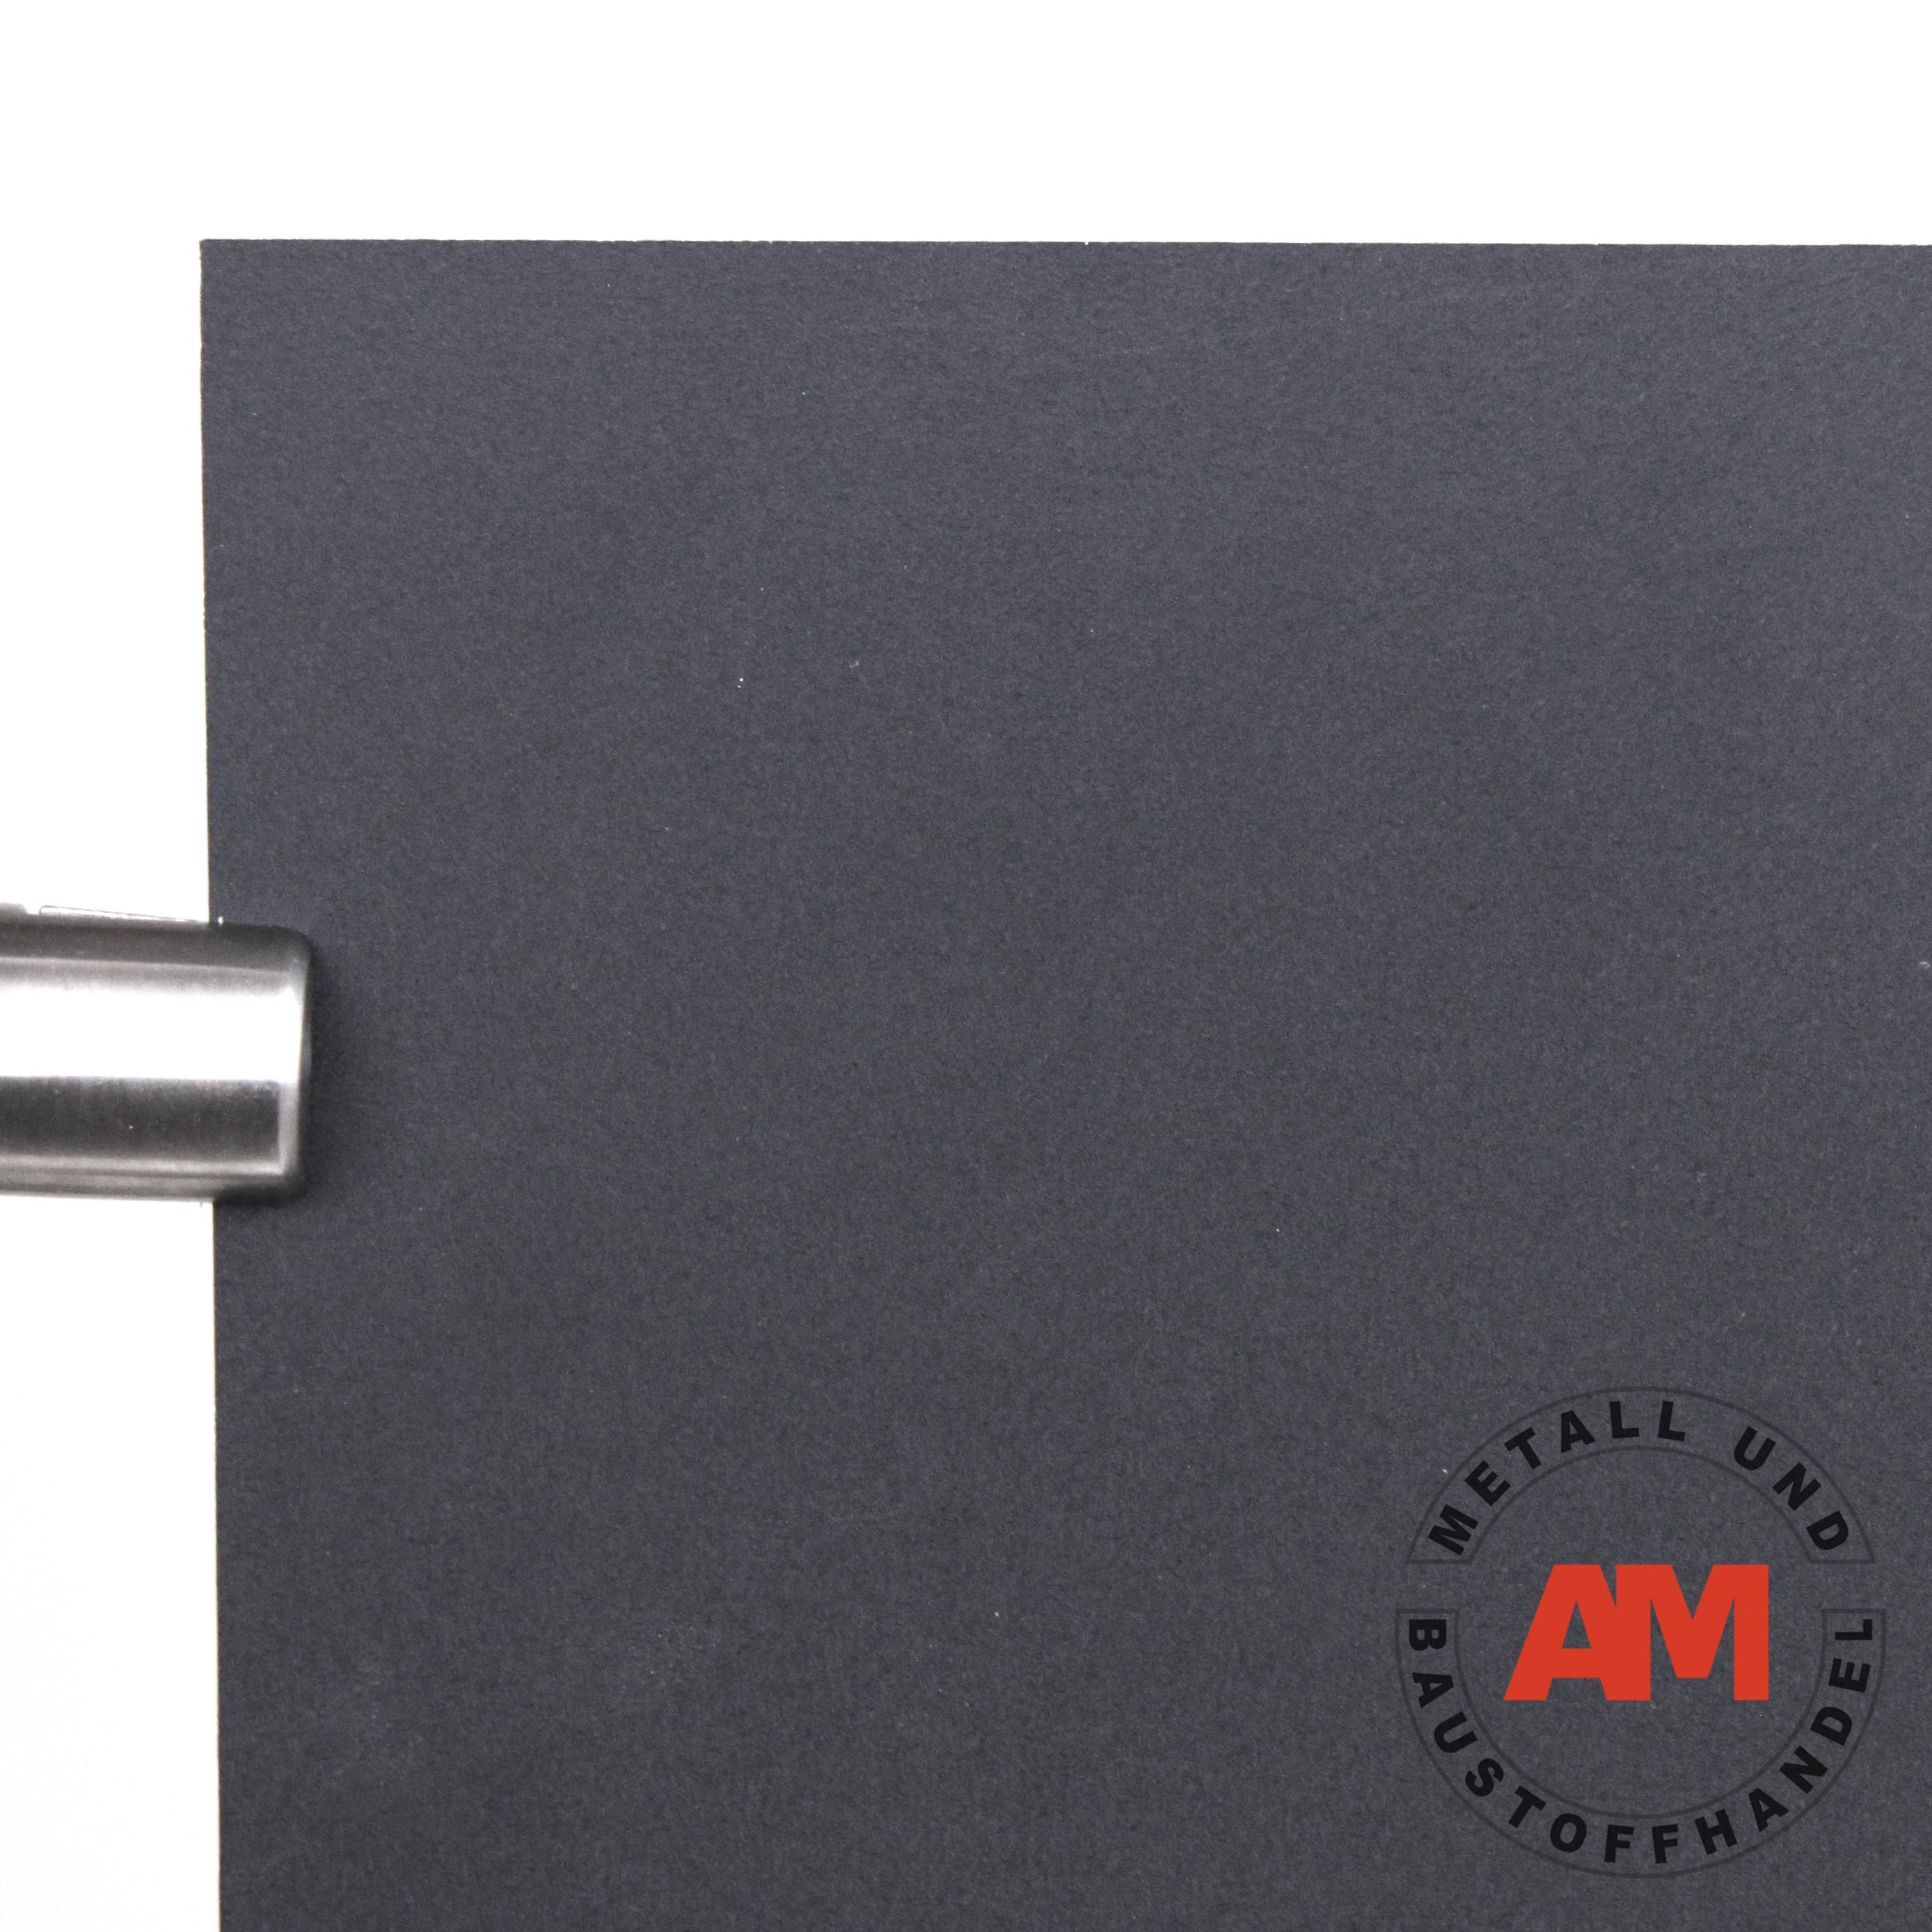 Alu Blech Zuschnitt TA-Falz RAL 7016 Anthrazitgrau Aluminium ...